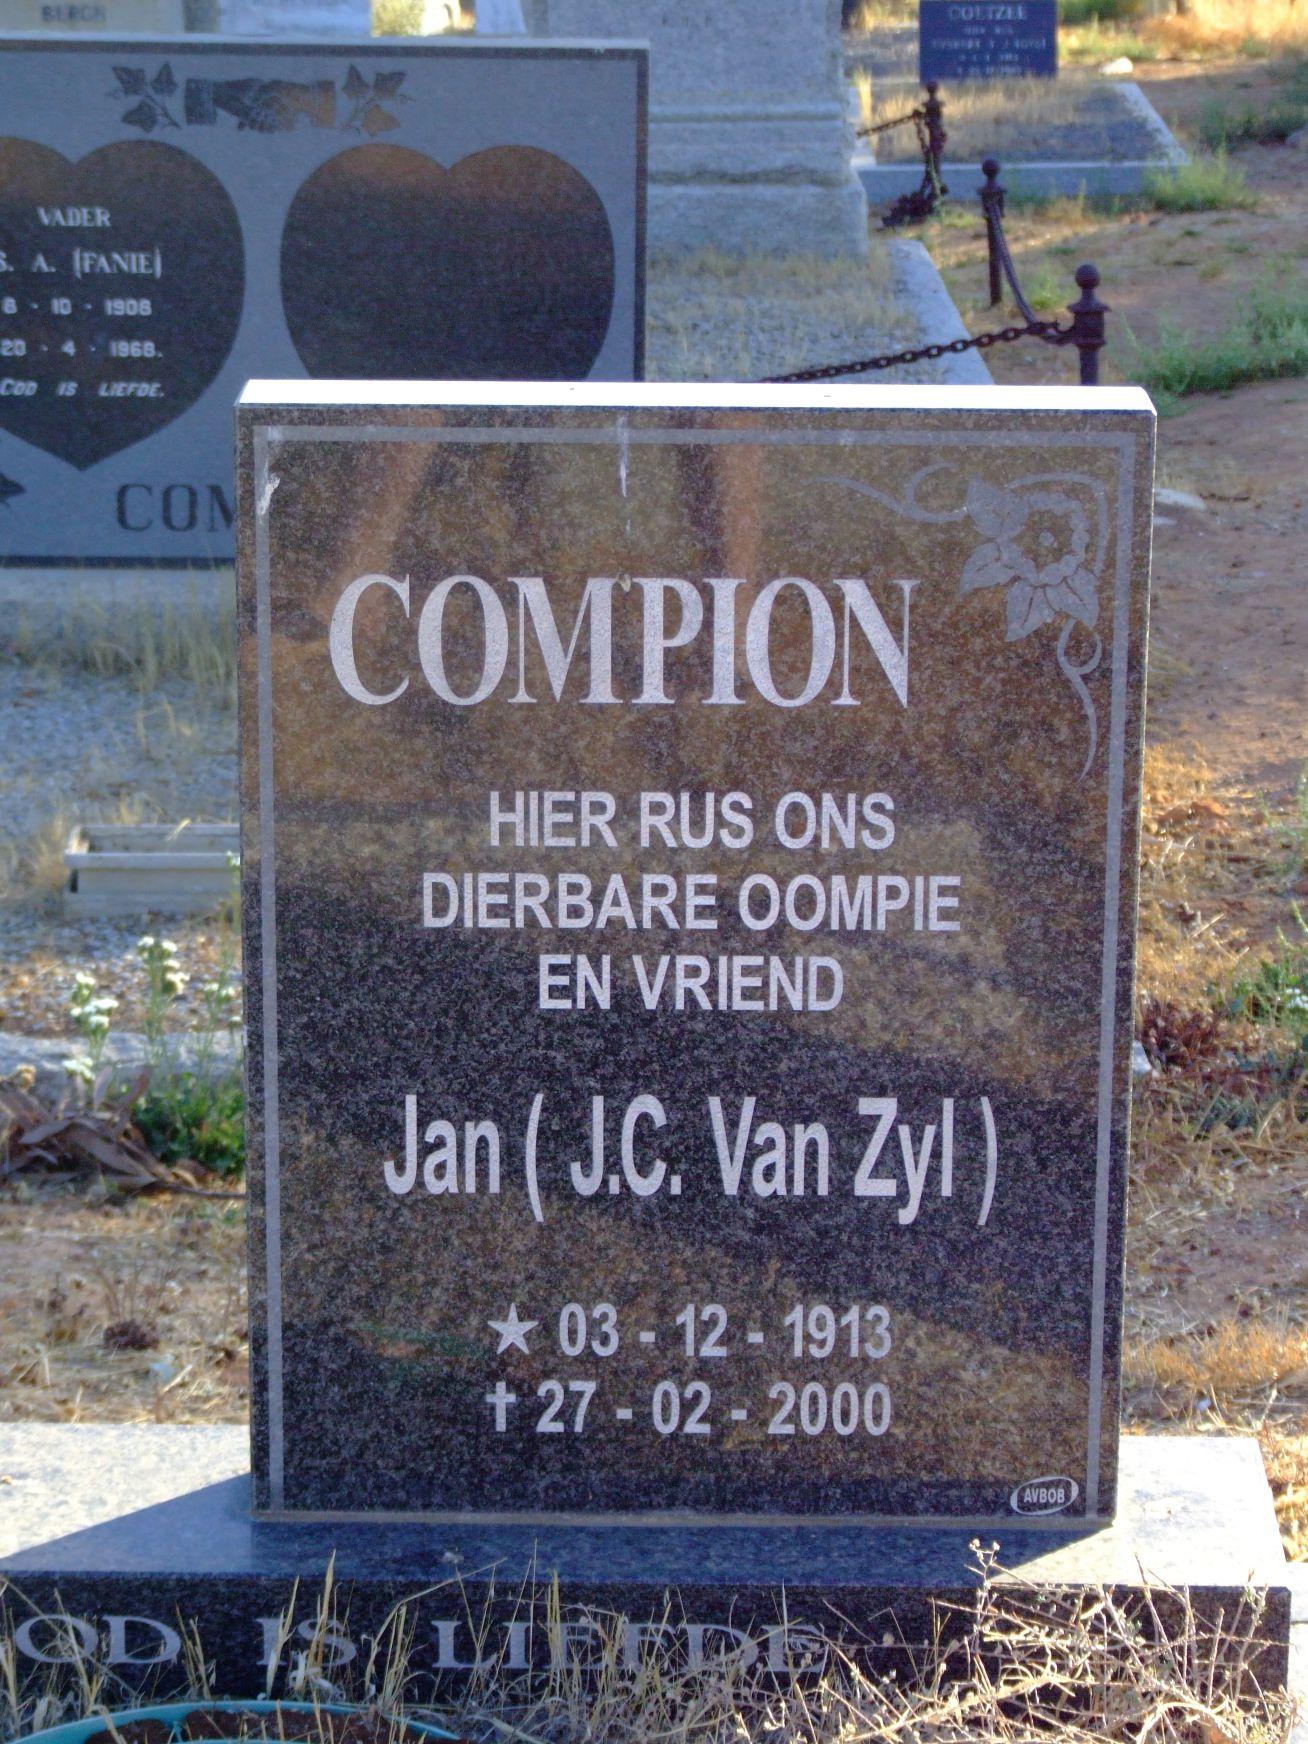 Compion, Jan